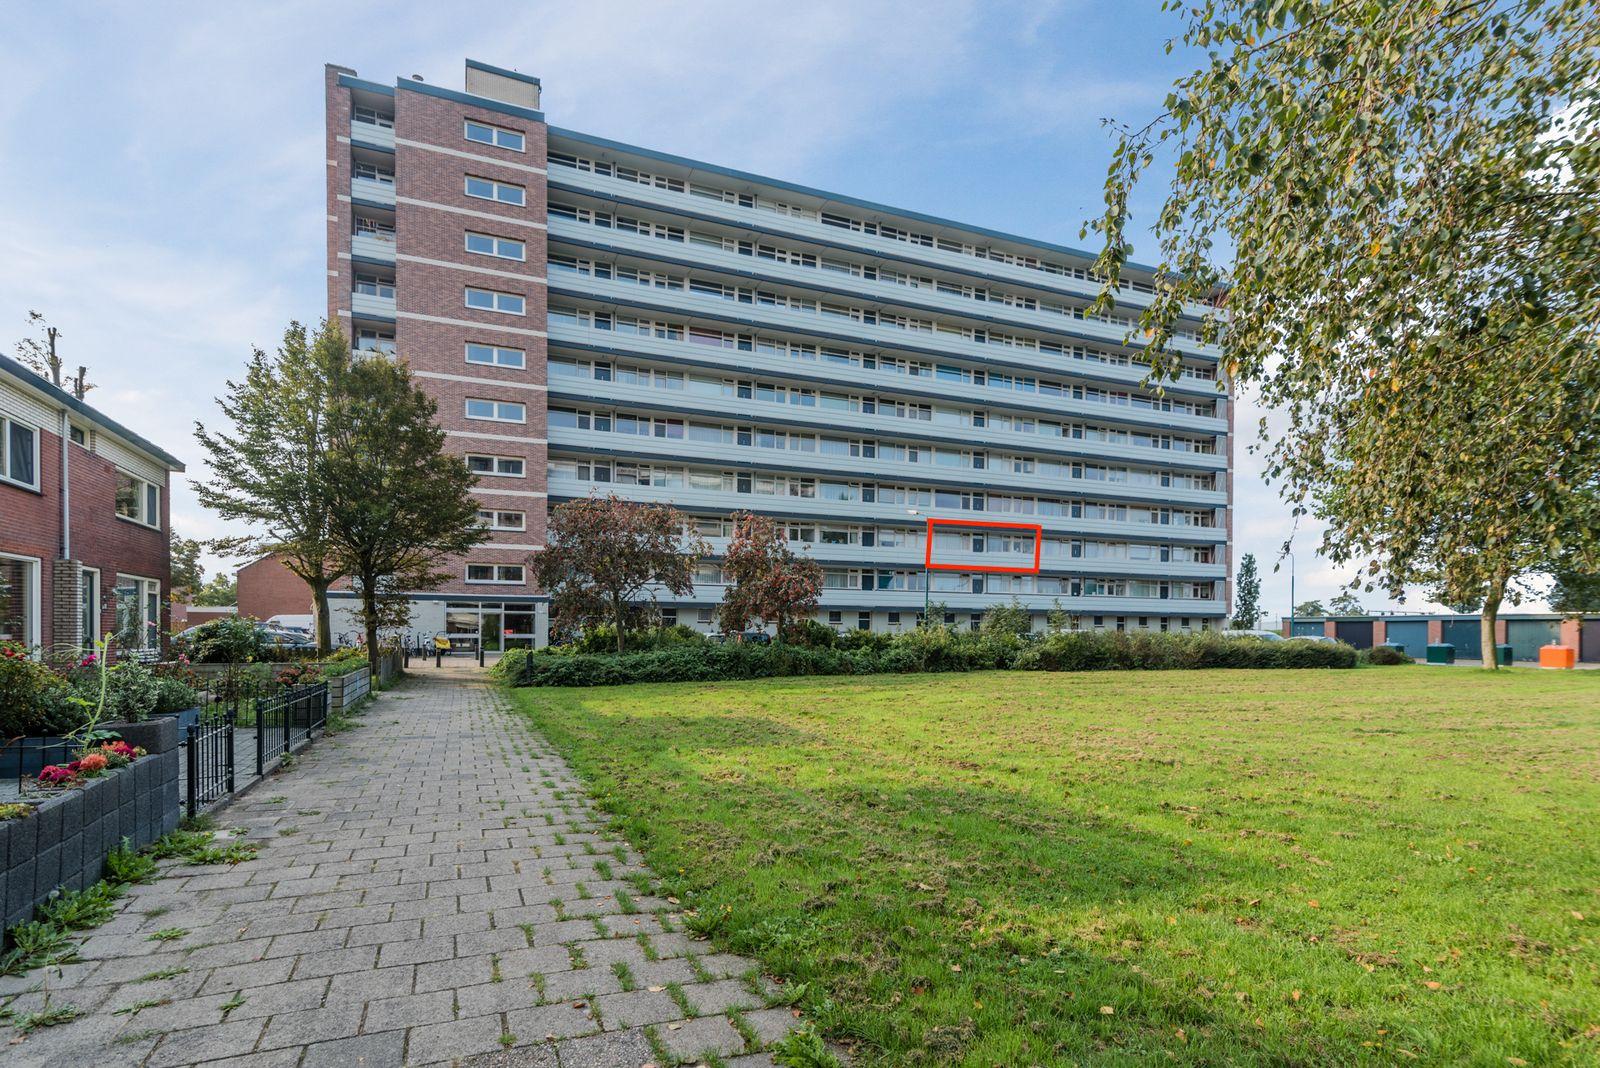 Titus Brandsmastraat 23, Breukelen